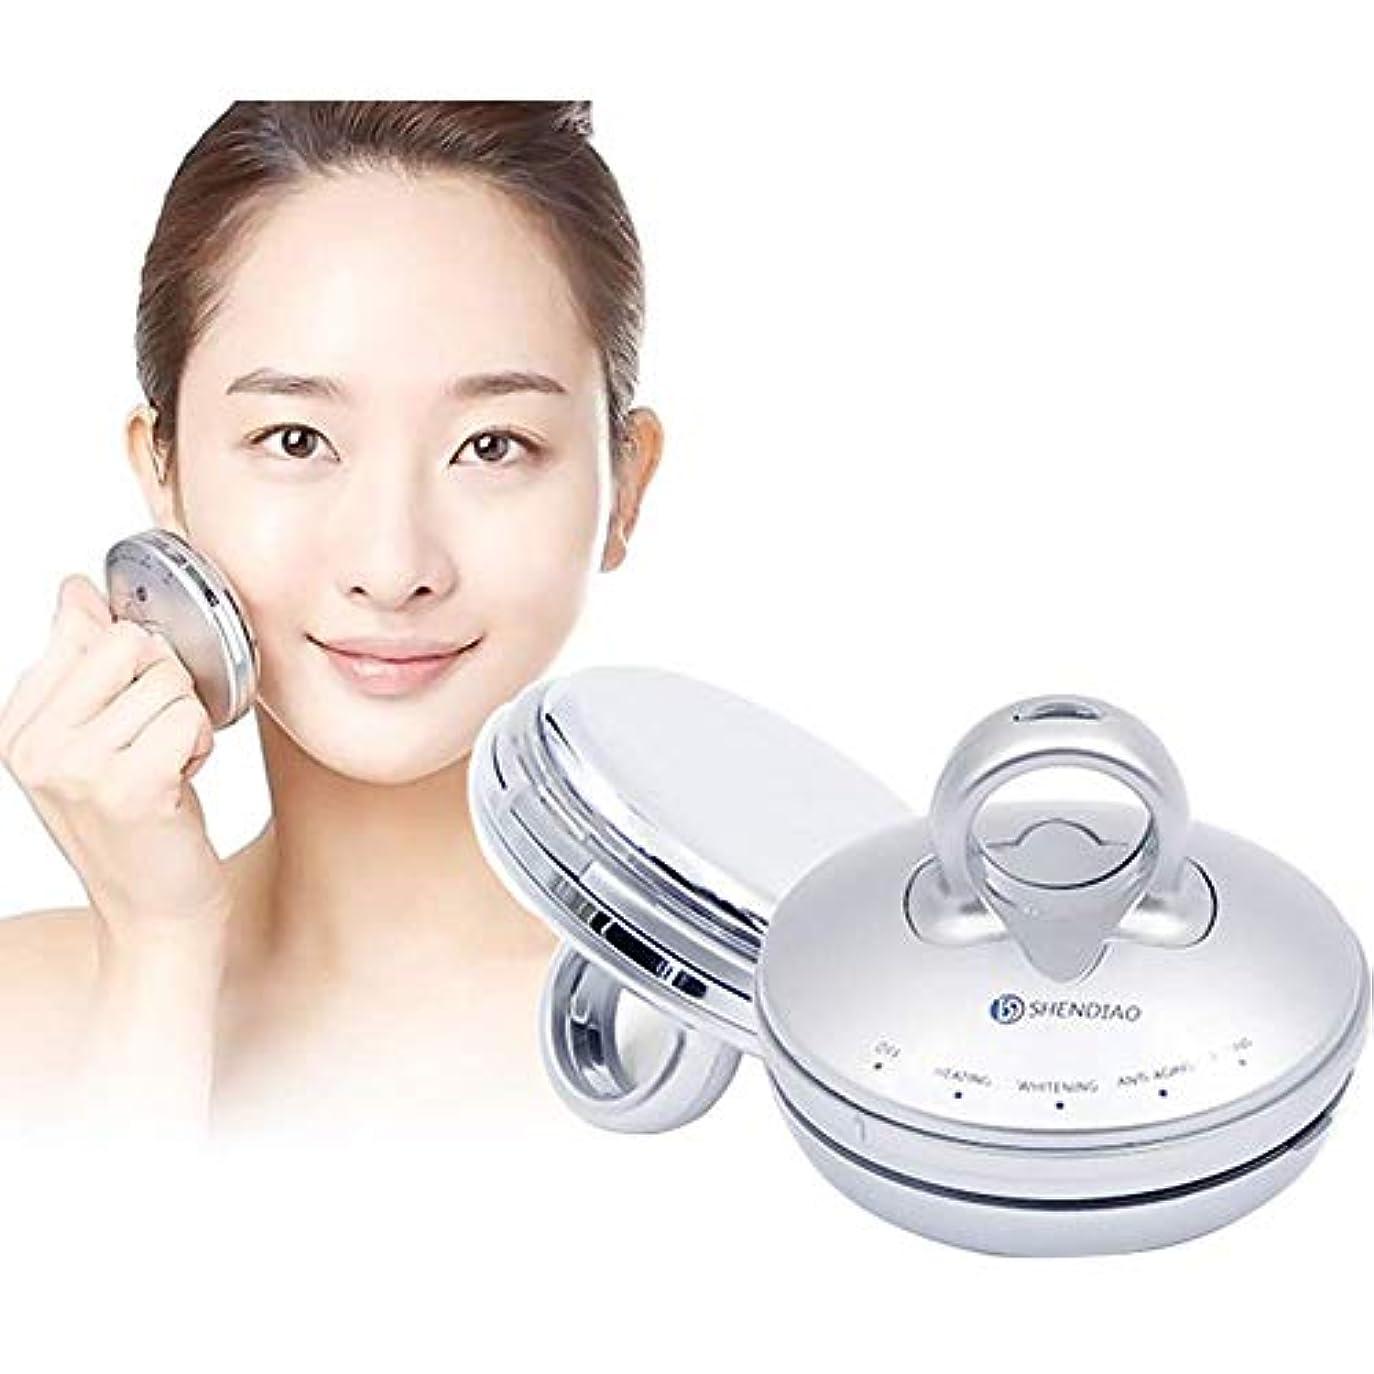 私たちの担当者モンキー美のマッサージャー、顔のマッサージャーの振動美装置の顔のしわのスキンケアの上昇の反老化の白くなるマッサージャー